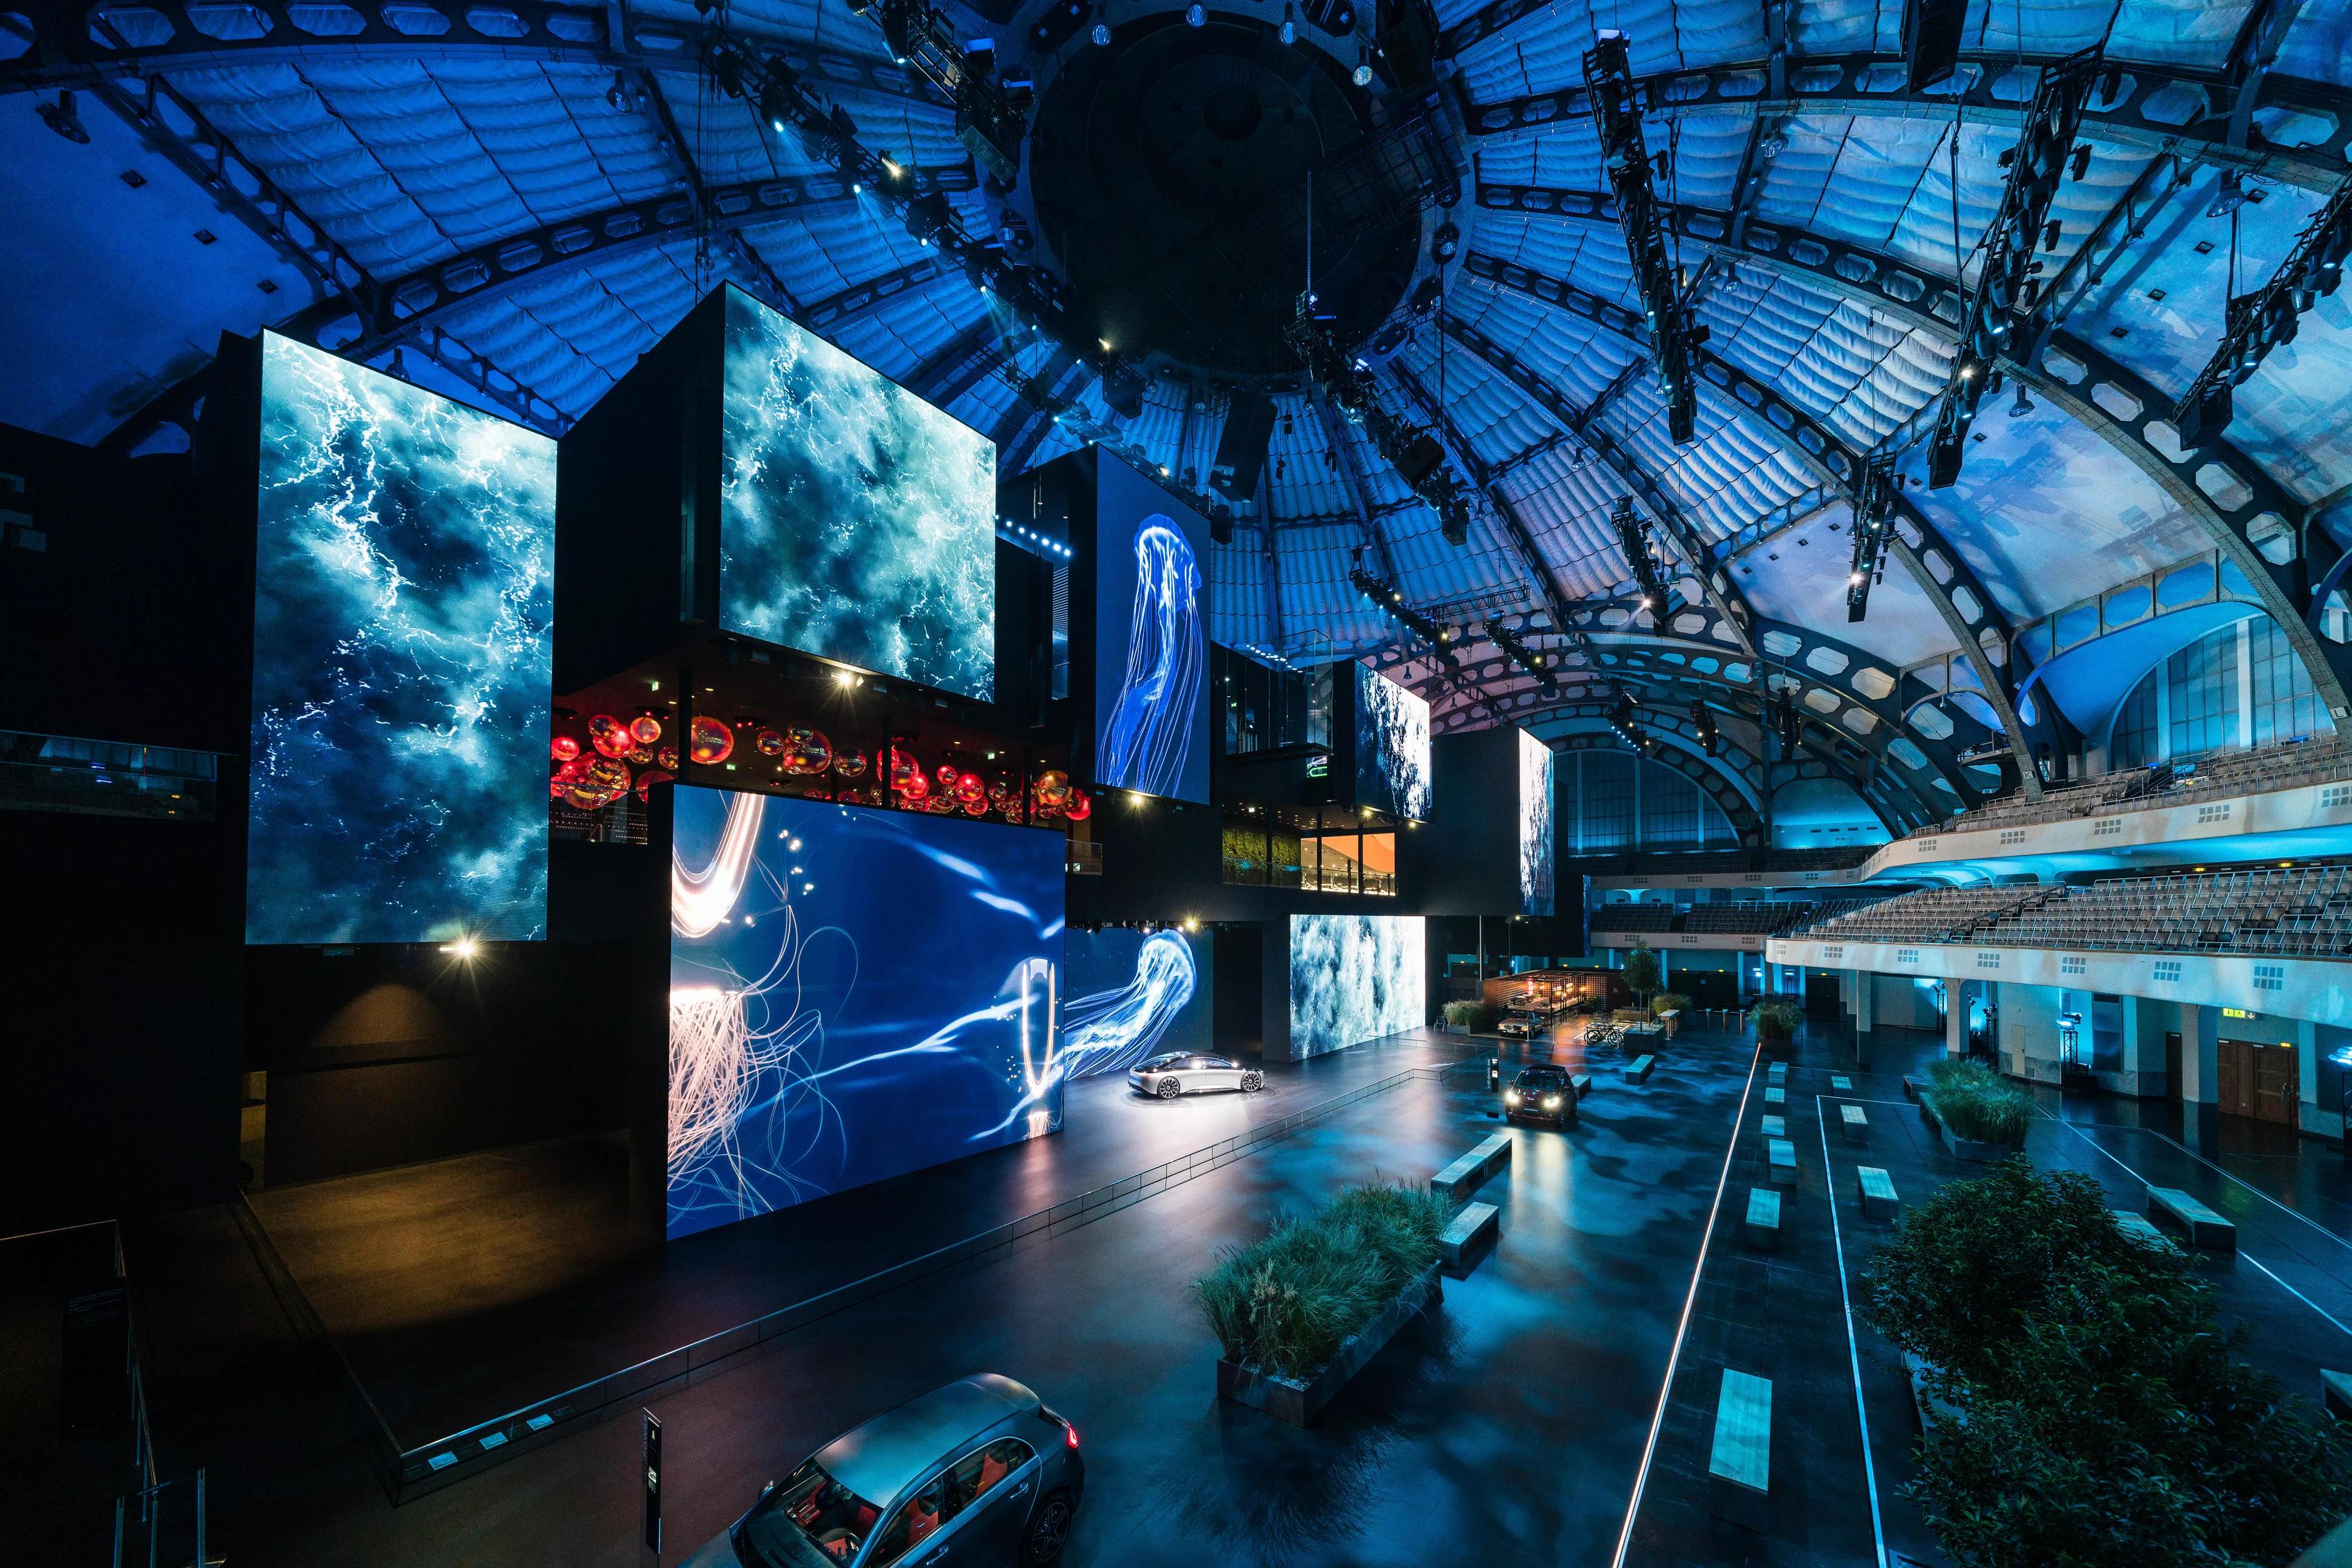 Die Visitor Experience für Mercedes-Benz auf der IAA 2019 in Frankfurt zeigt die konsequente Weiterentwicklung der Dialogplattform.